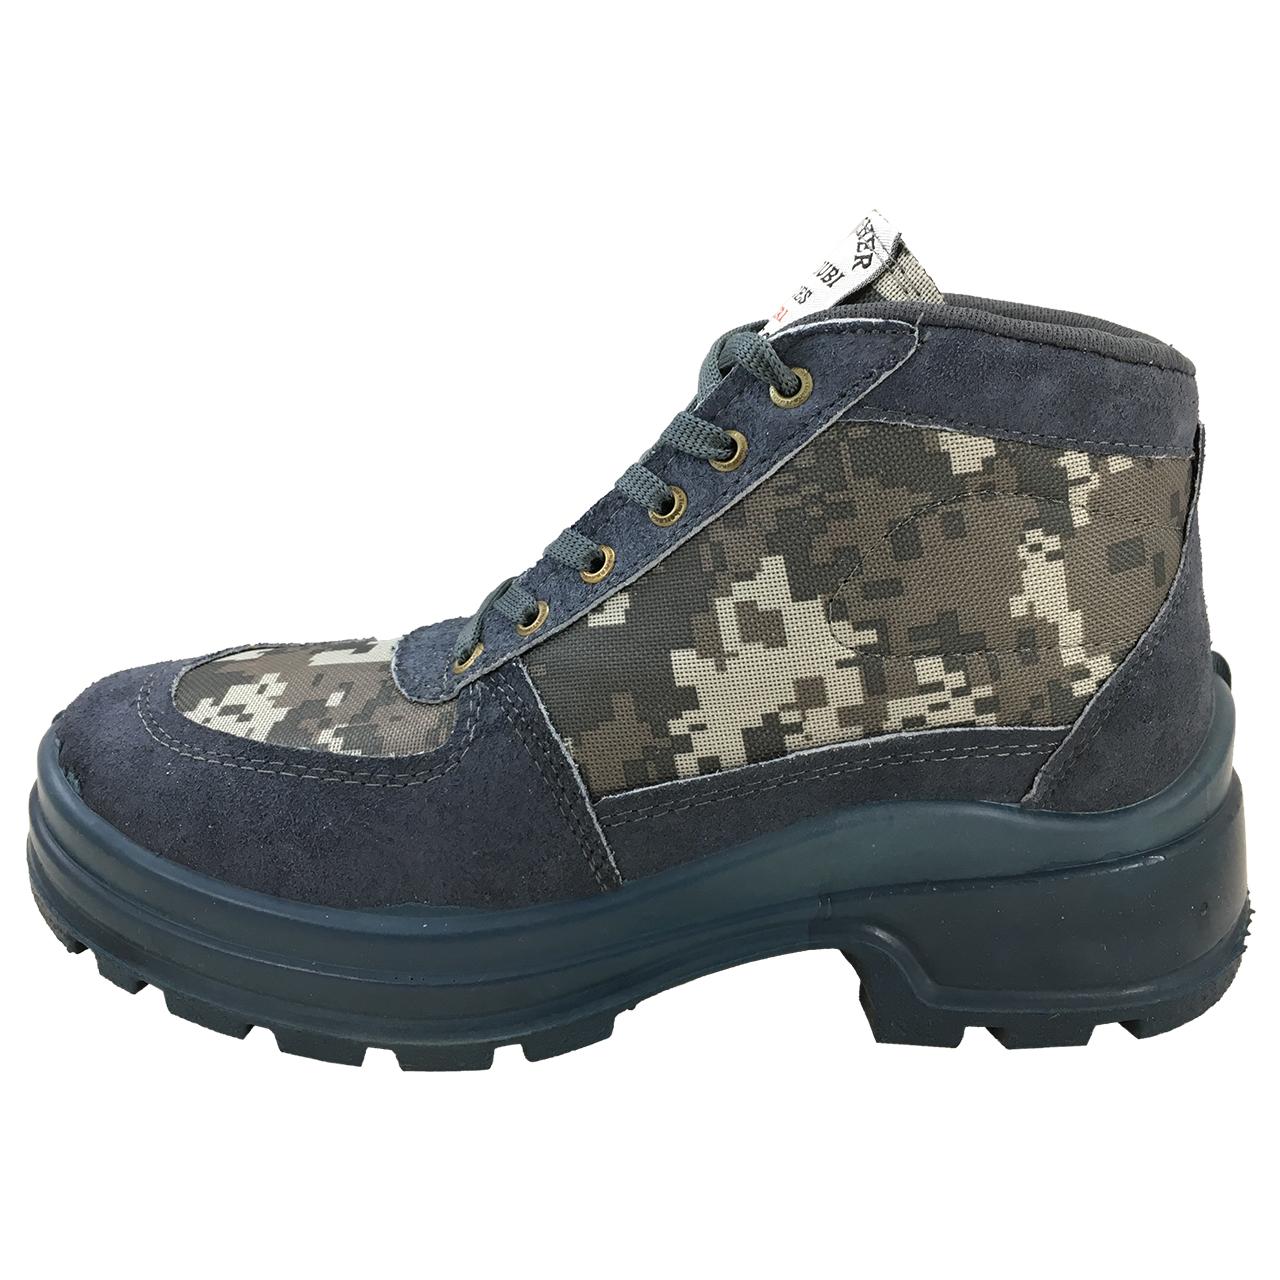 قیمت کفش کوهنوردی مردانه اسلوبی مدل دماوند کد 2700